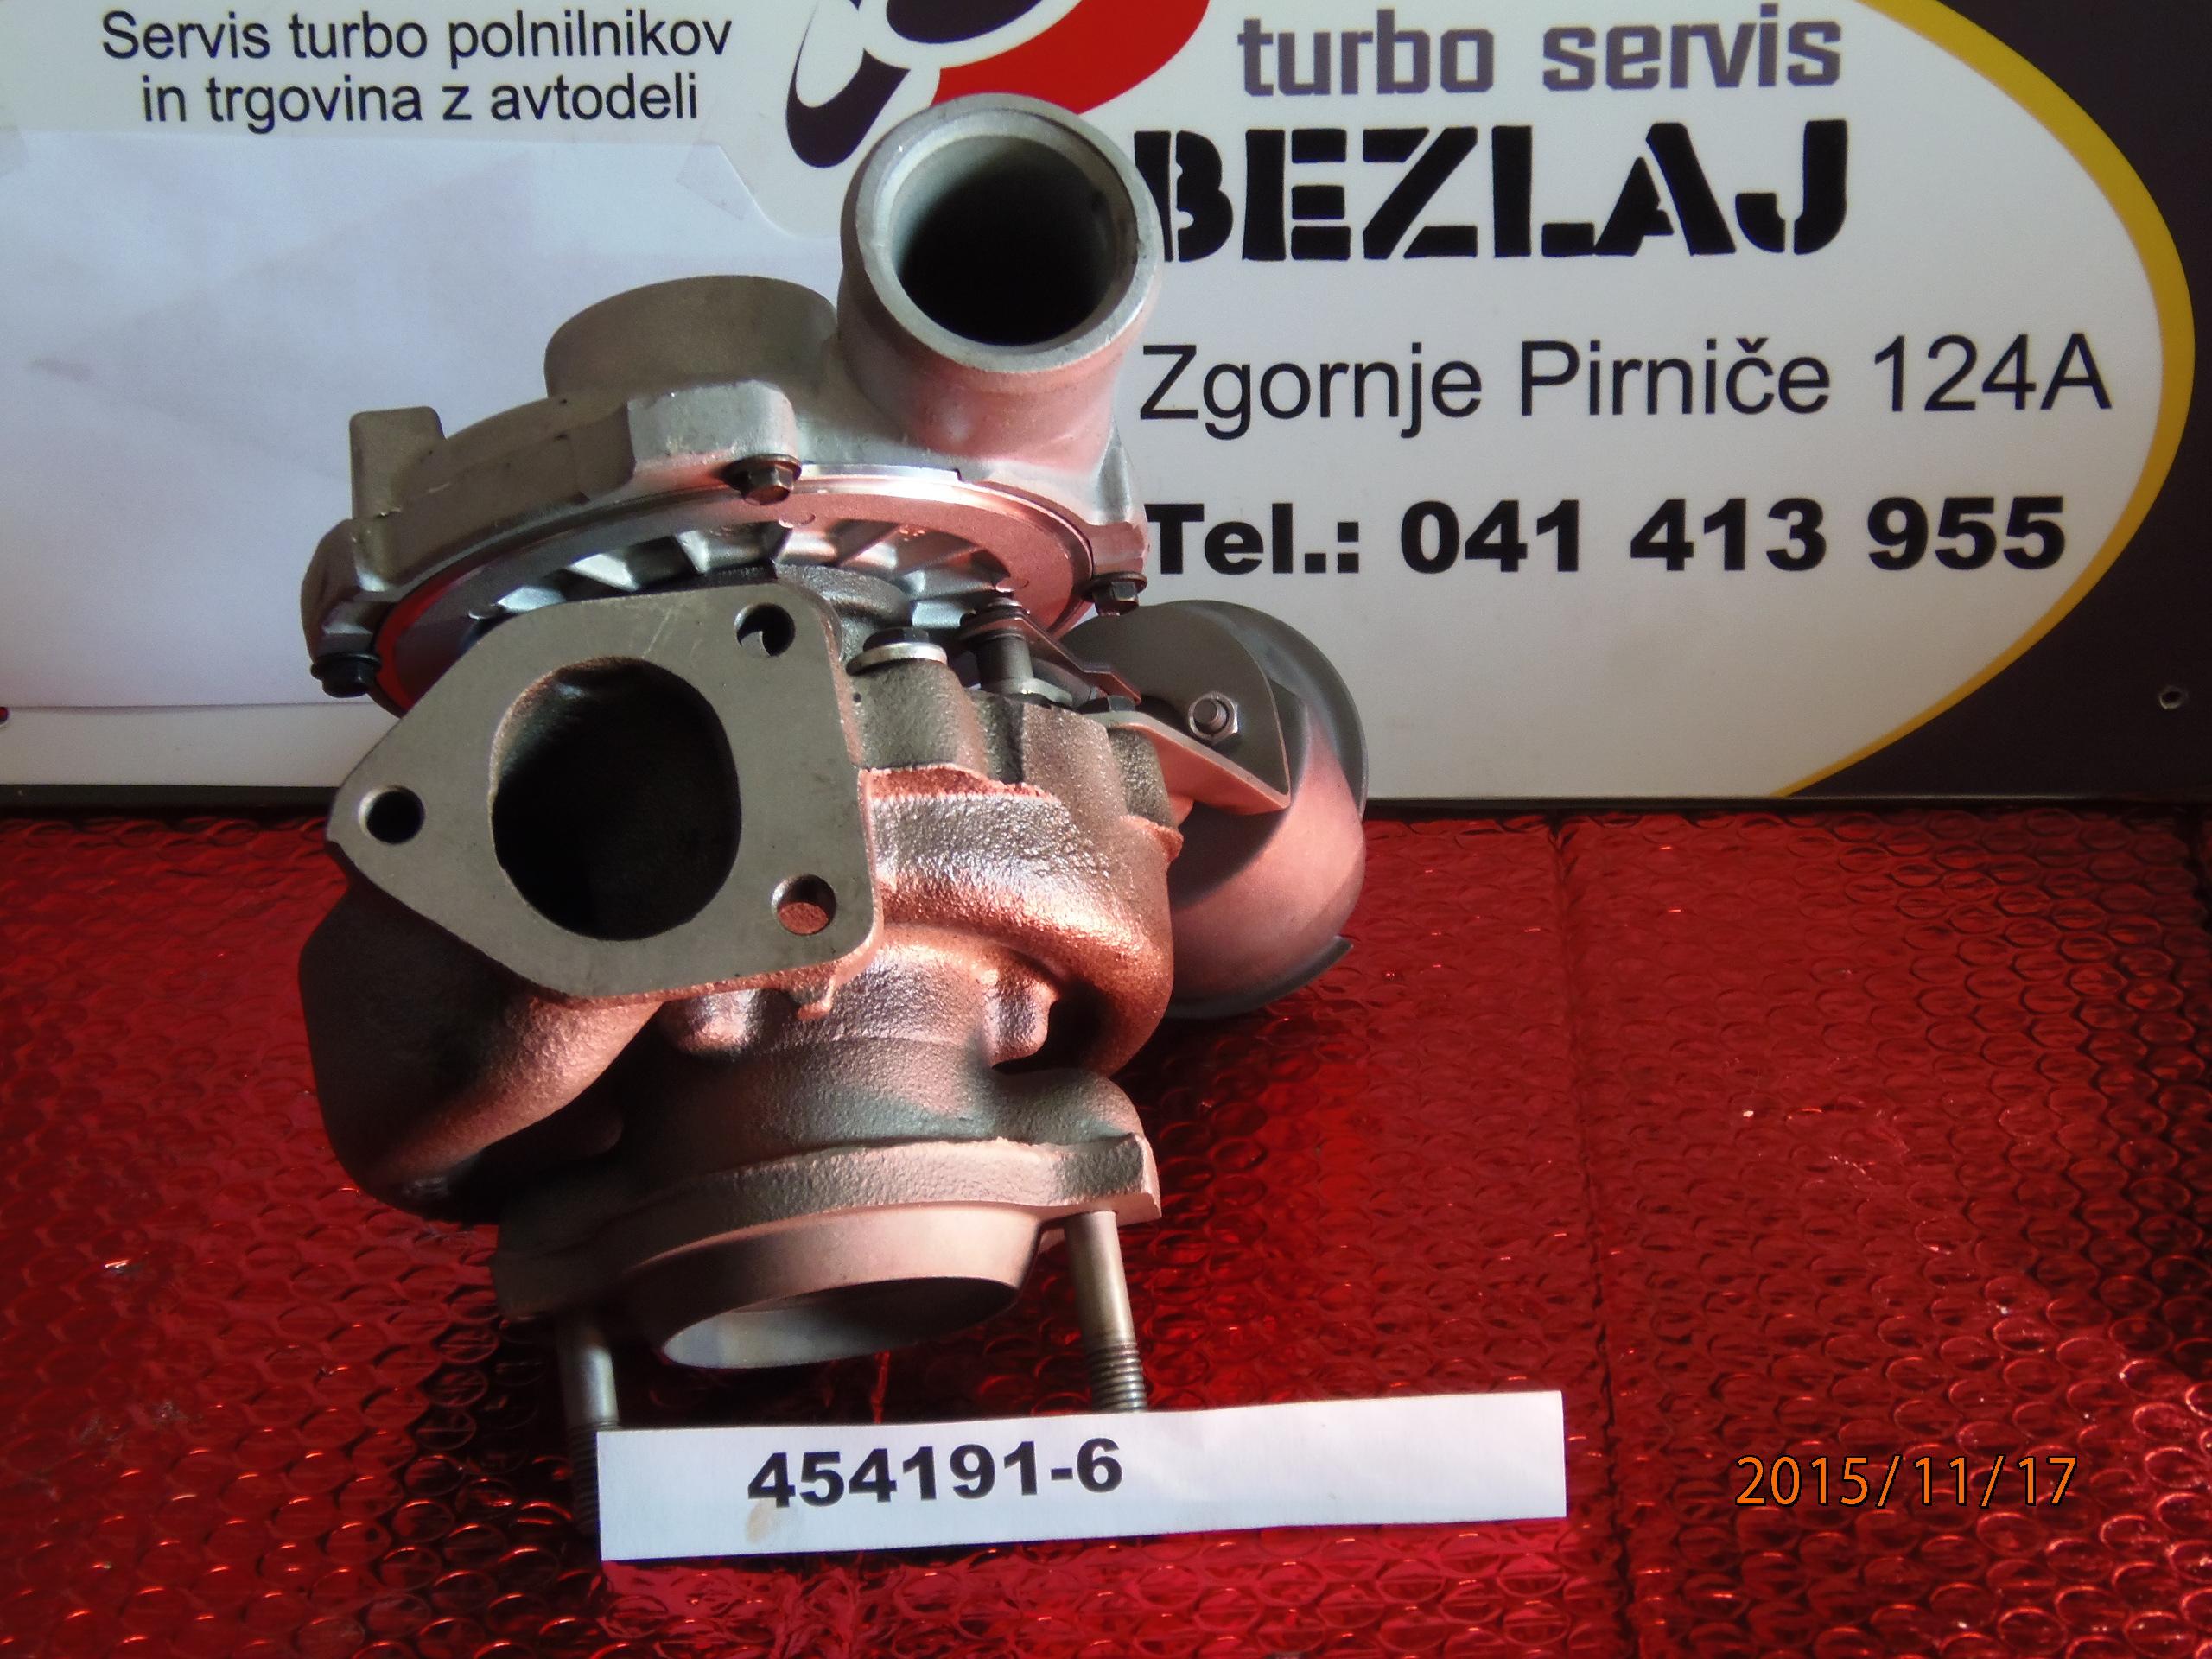 turbo454191 (2)